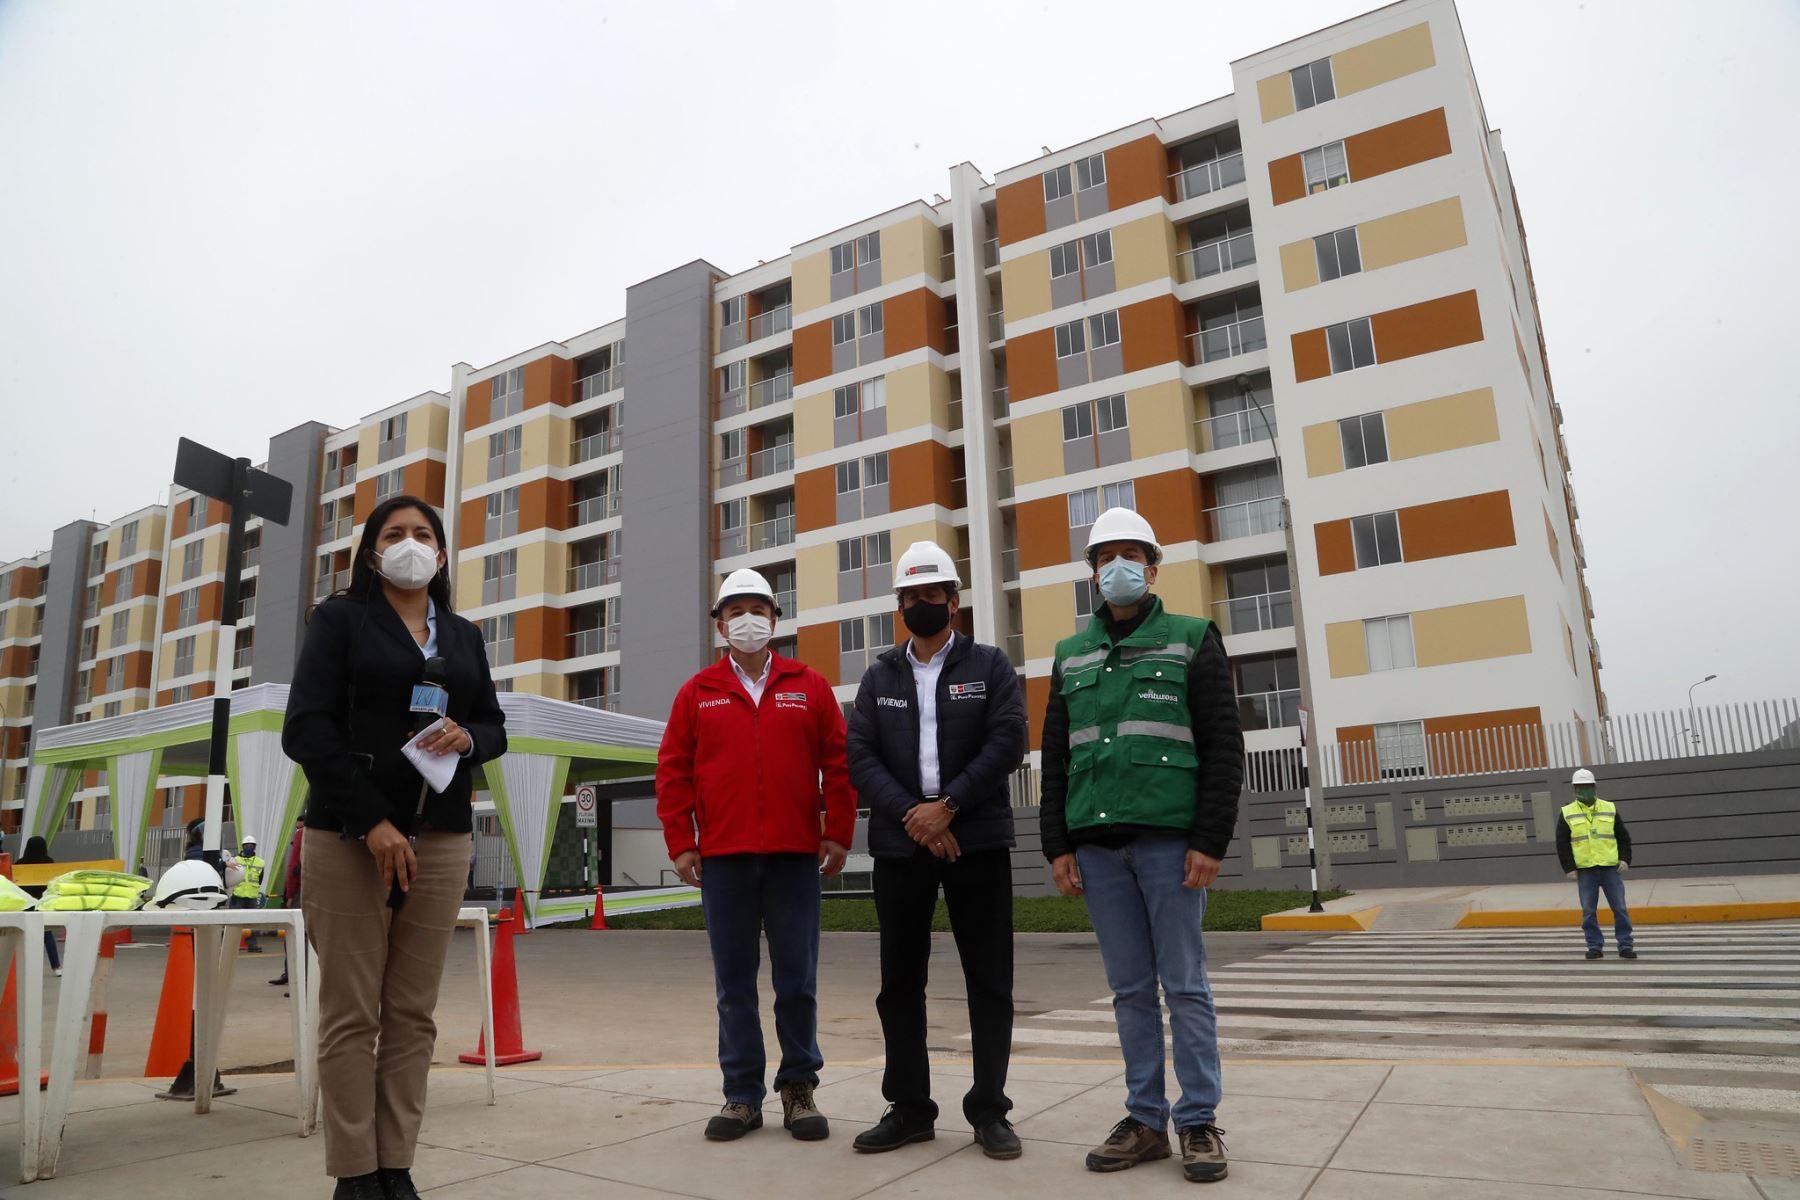 El Ministro de Vivienda Carlos Lozada da a conocer los protocolos de bioseguridad en el reinicio de las actividades de construcción y anuncia que el MVCS ha diseñado un programa ambicioso que permitirá que 80 mil familias accedan a una vivienda a través de techo propio y el Nuevo Crédito Mi Vivienda .   Foto: ANDINA/Vivienda